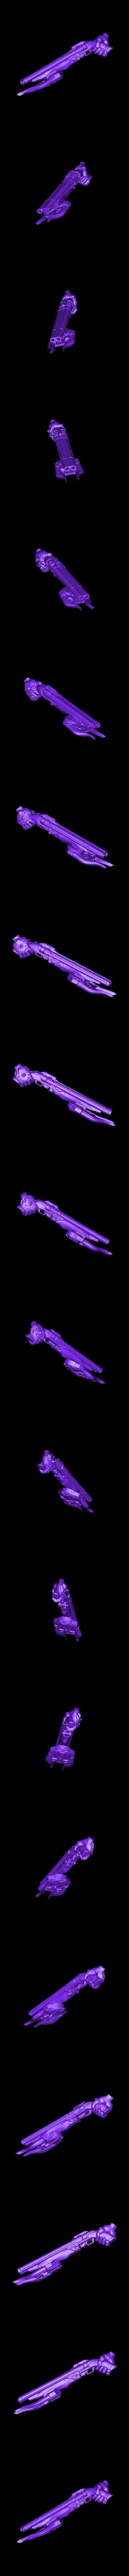 ShotgunHend.stl Télécharger fichier STL TUEUR À GAGES • Objet à imprimer en 3D, freeclimbingbo